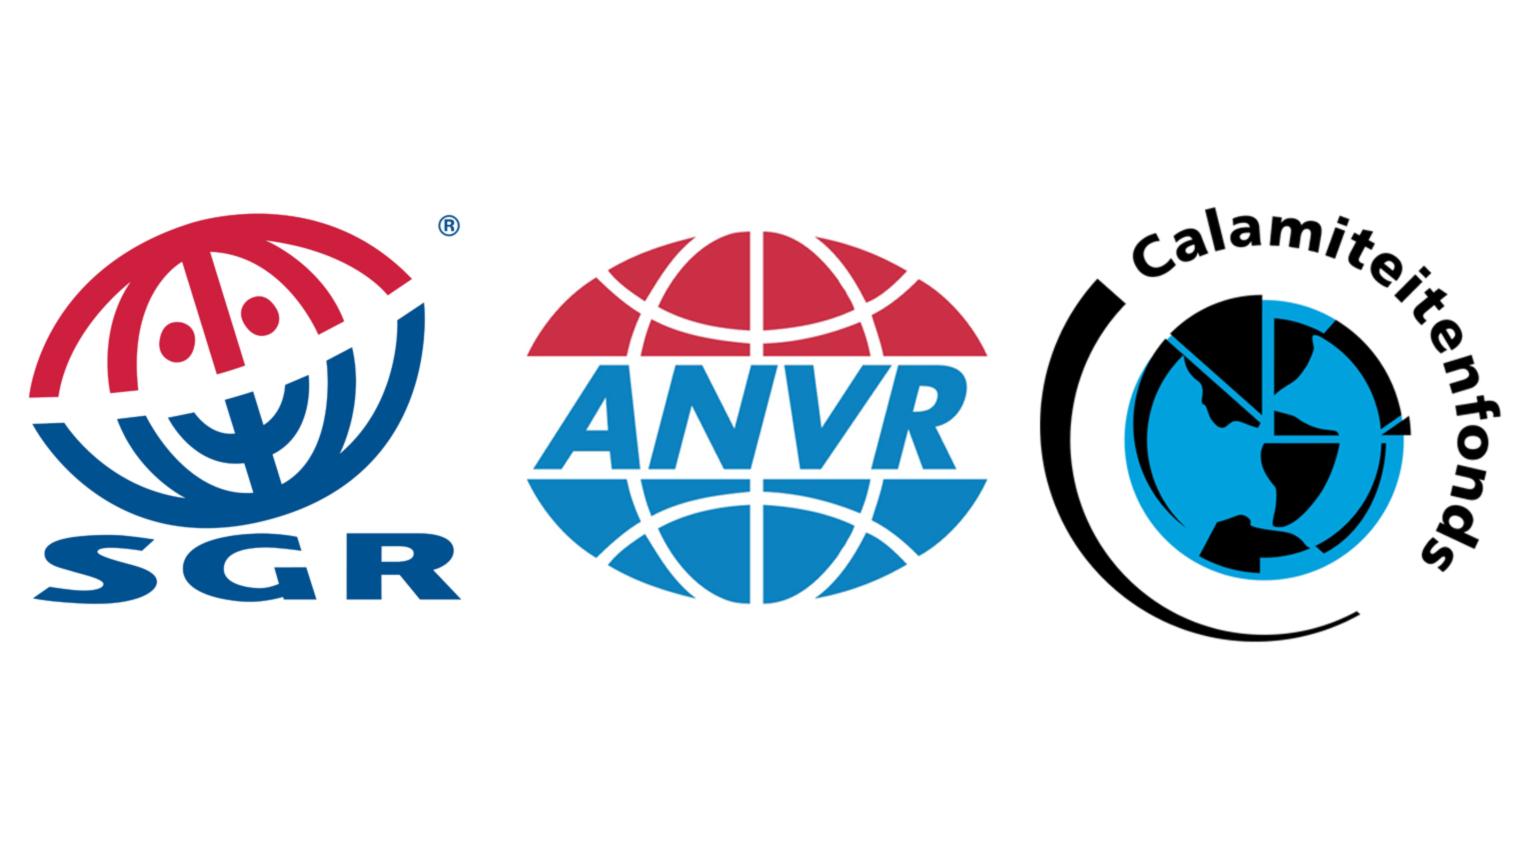 ANVR SGR